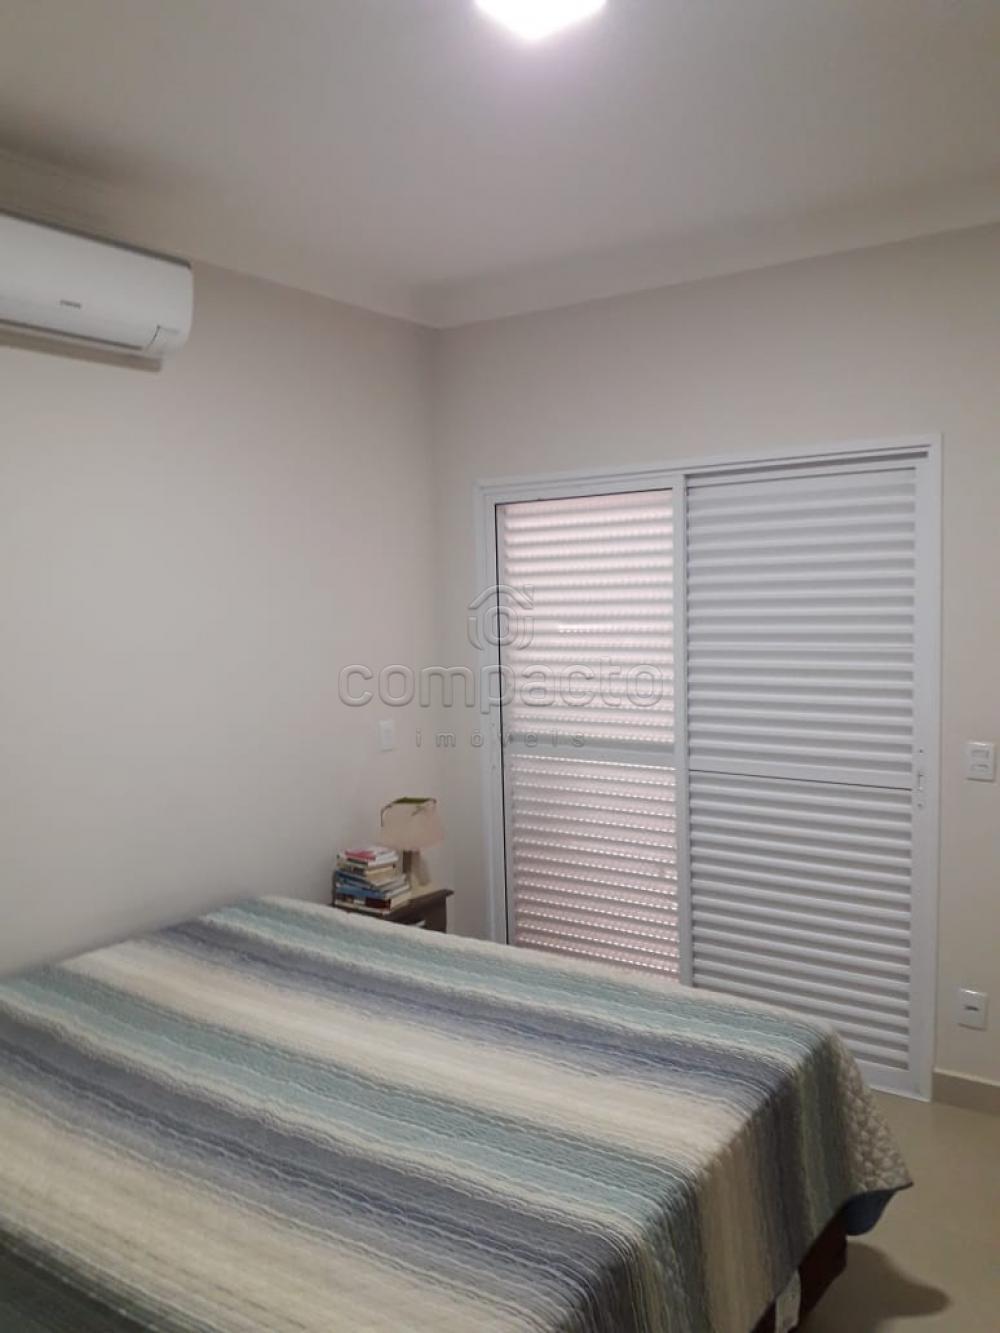 Comprar Casa / Condomínio em Mirassol apenas R$ 650.000,00 - Foto 11